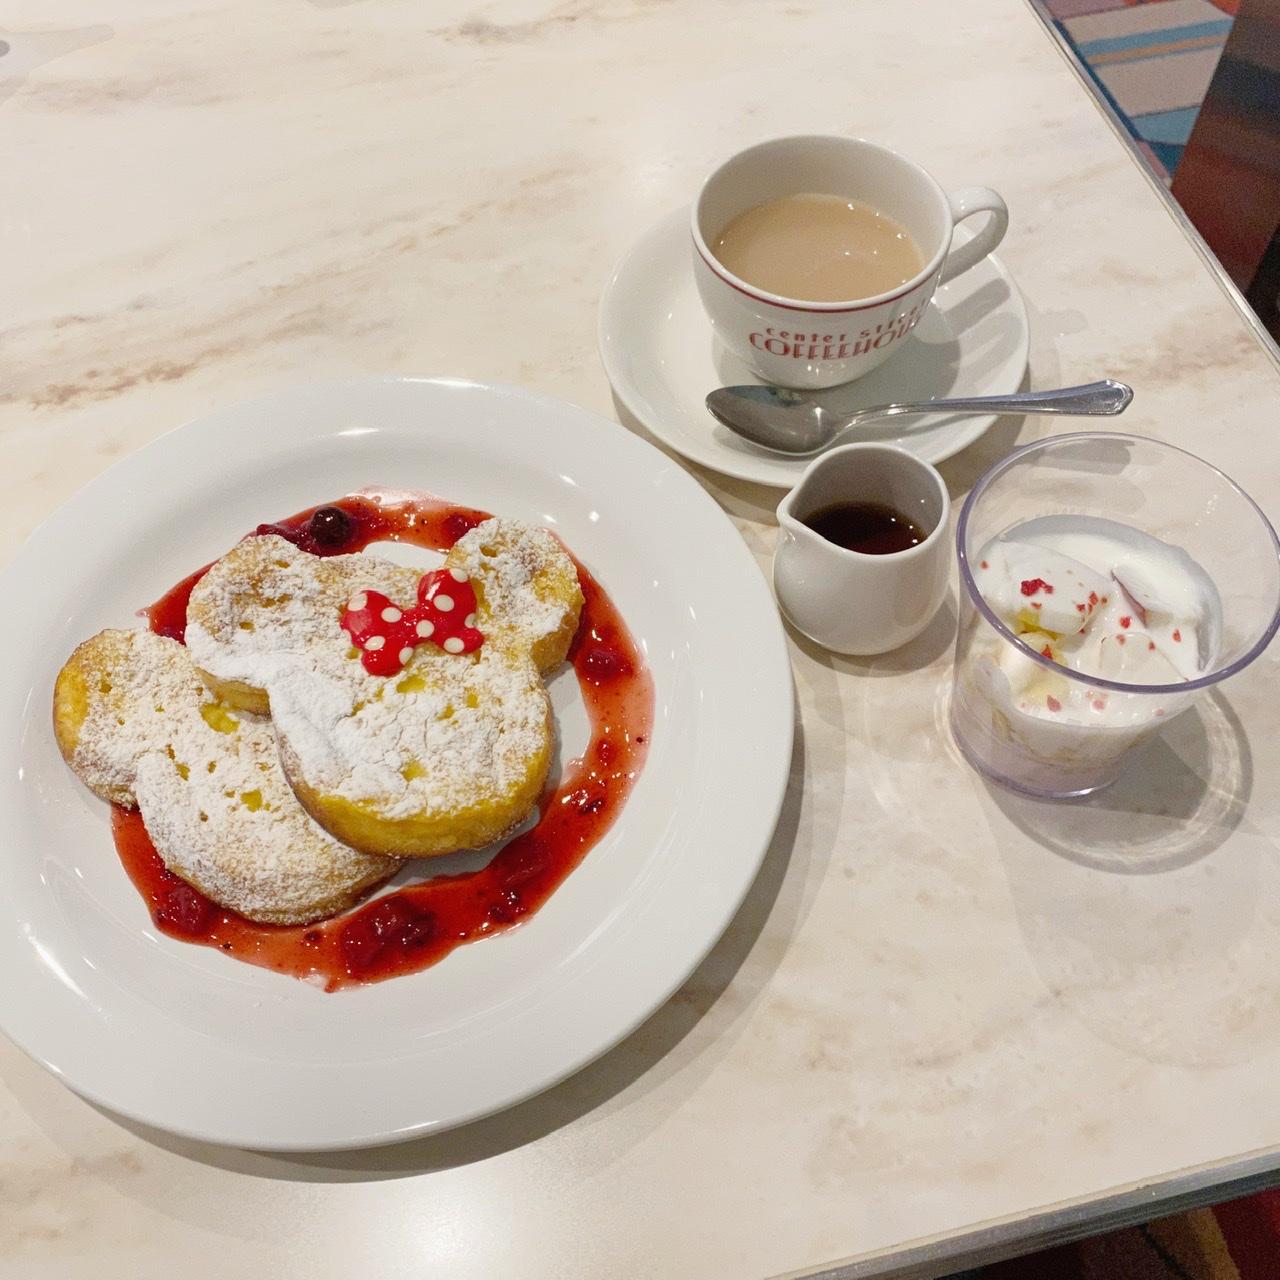 【ディズニーランド】のフレンチトースト♡公式レシピで作ってみました!_1